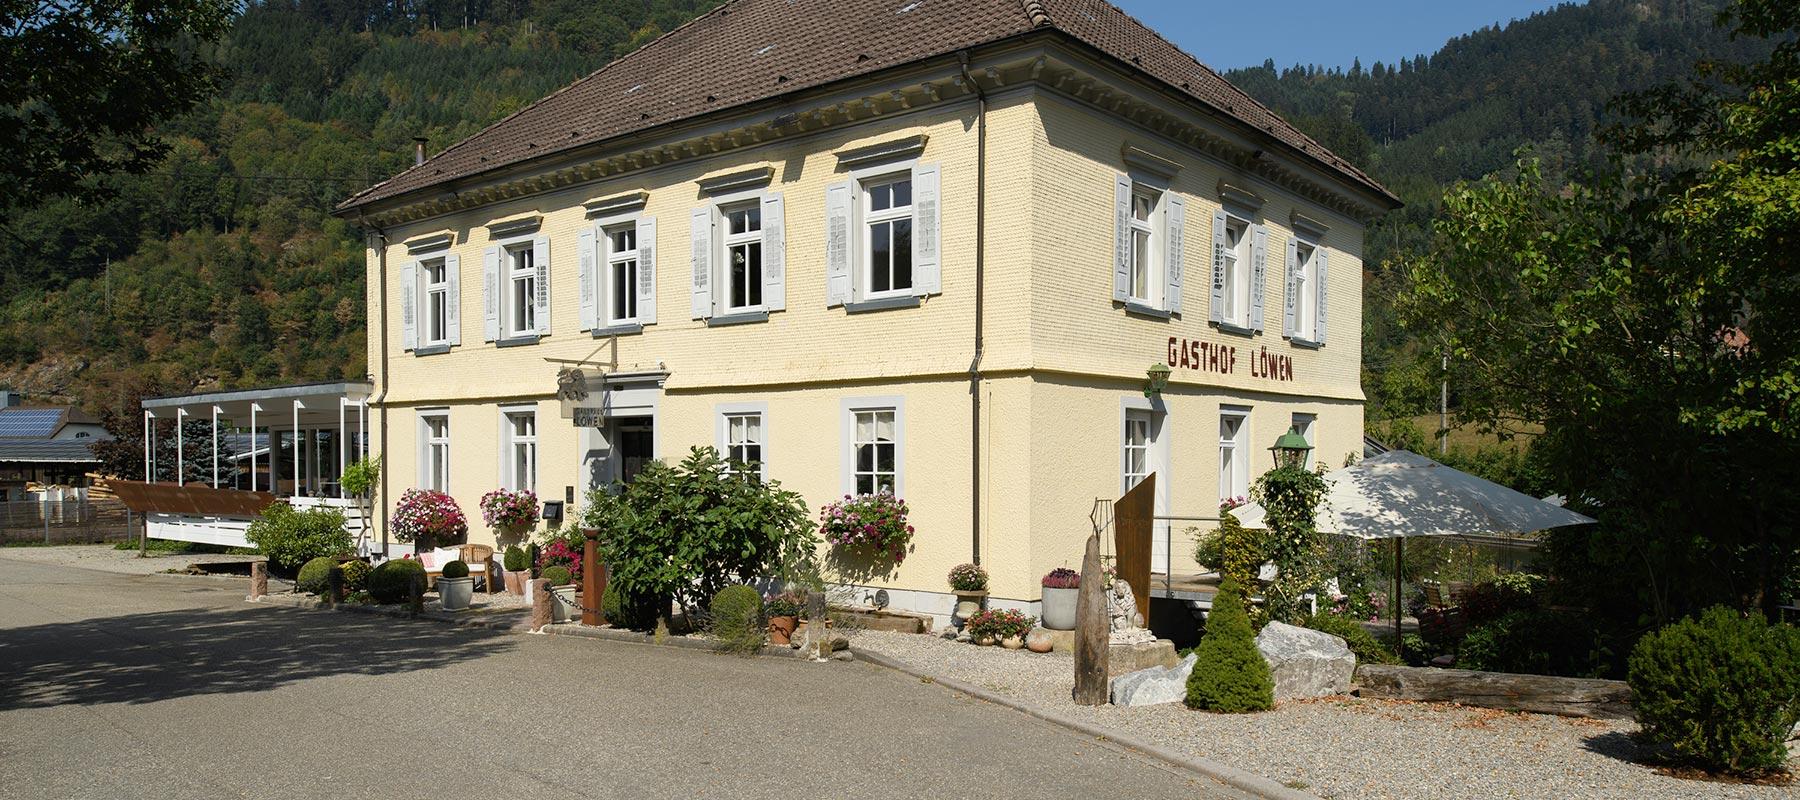 Gasthaus Löwen in Halbmeil